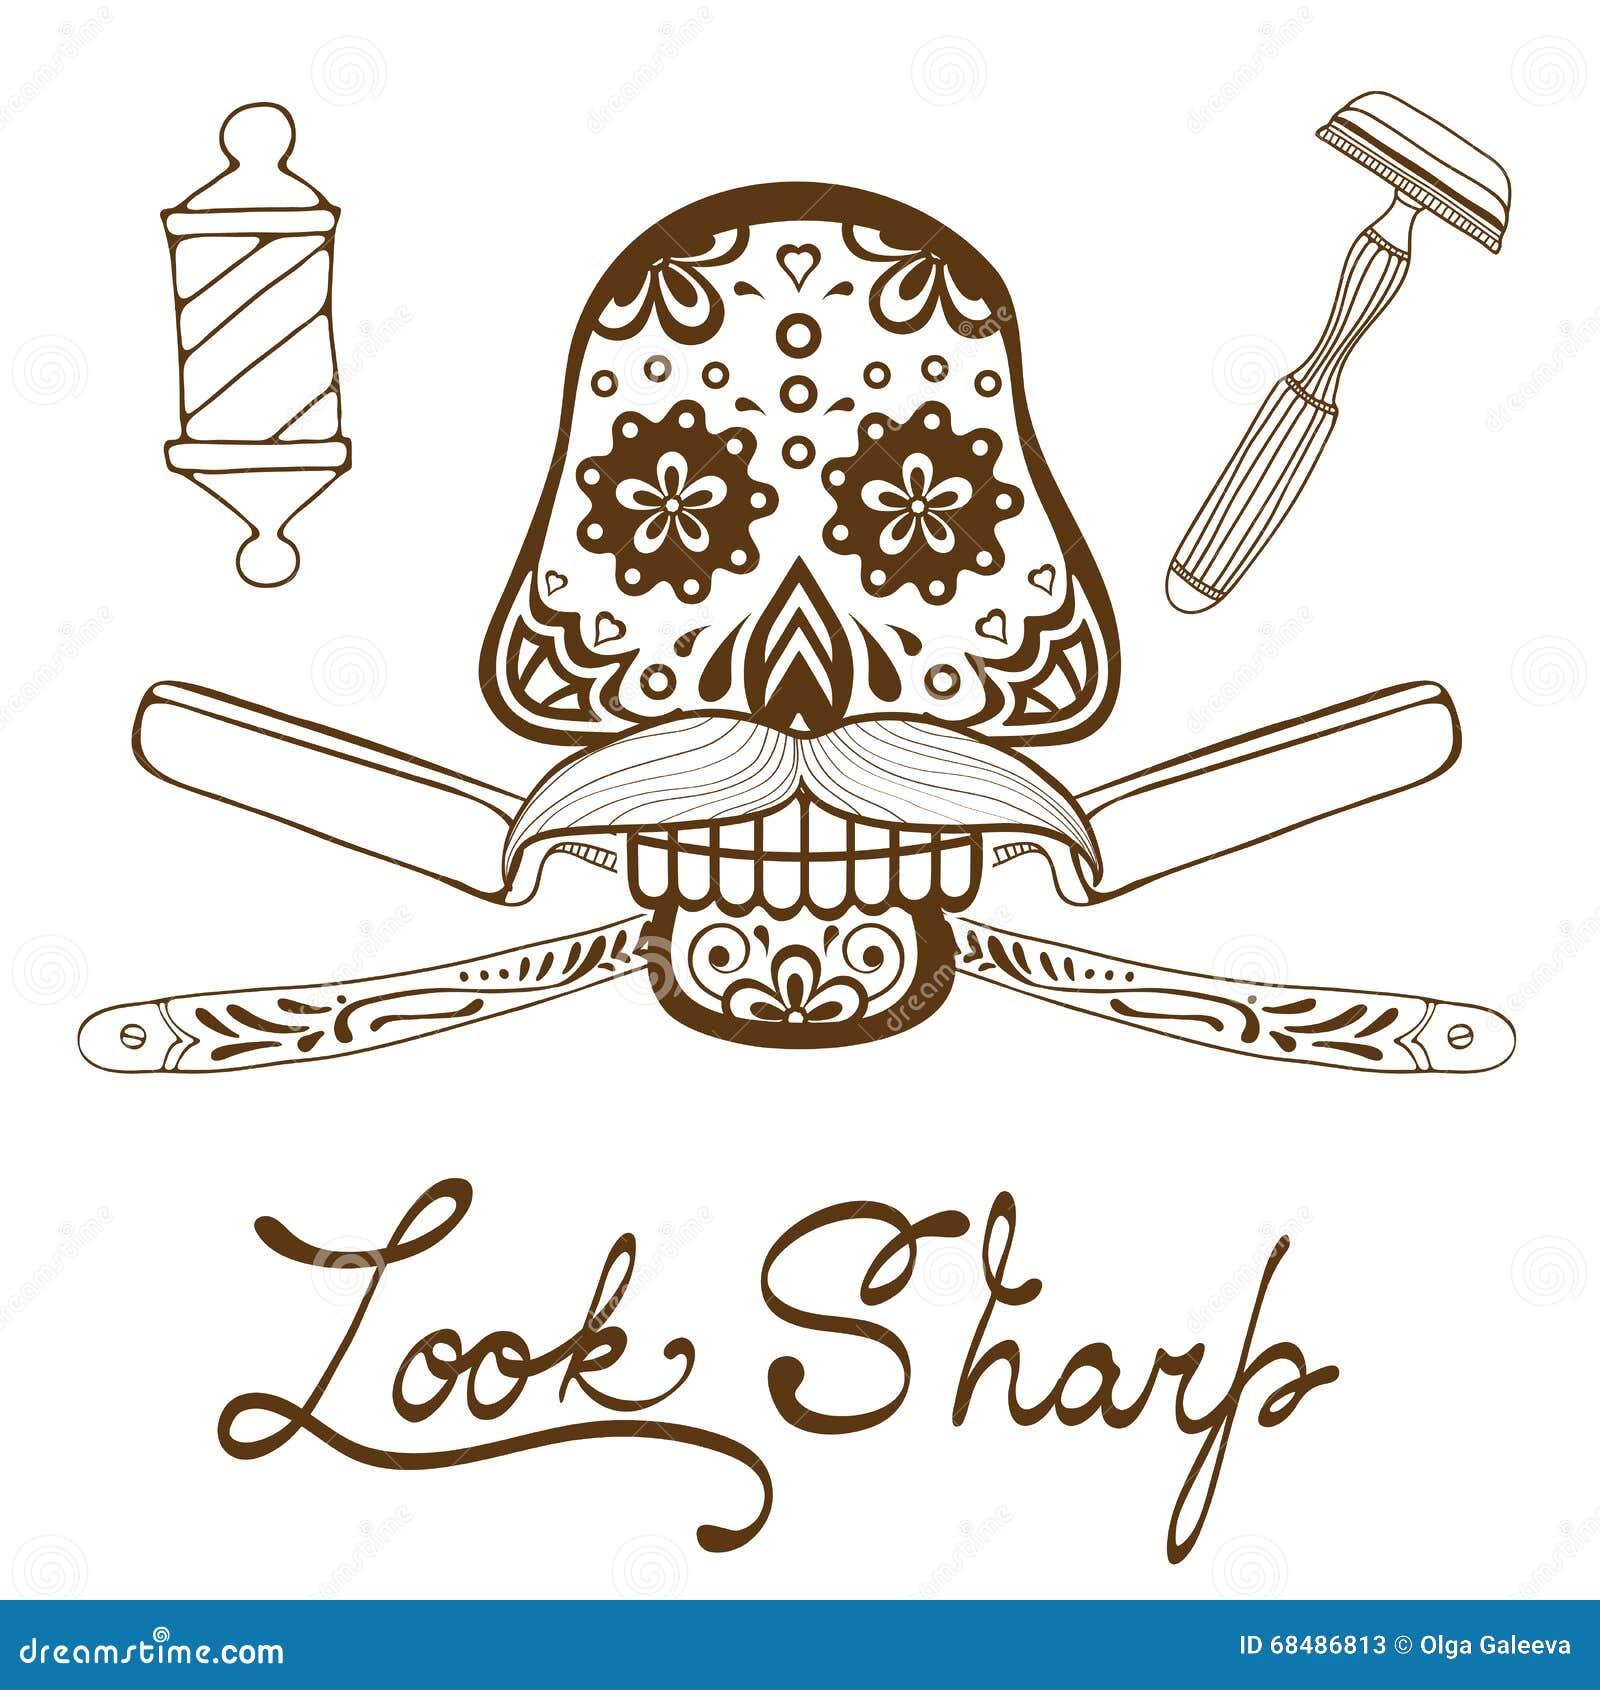 查找锋利 有髭的头骨 减速火箭的理发店象征的样式手拉的图表